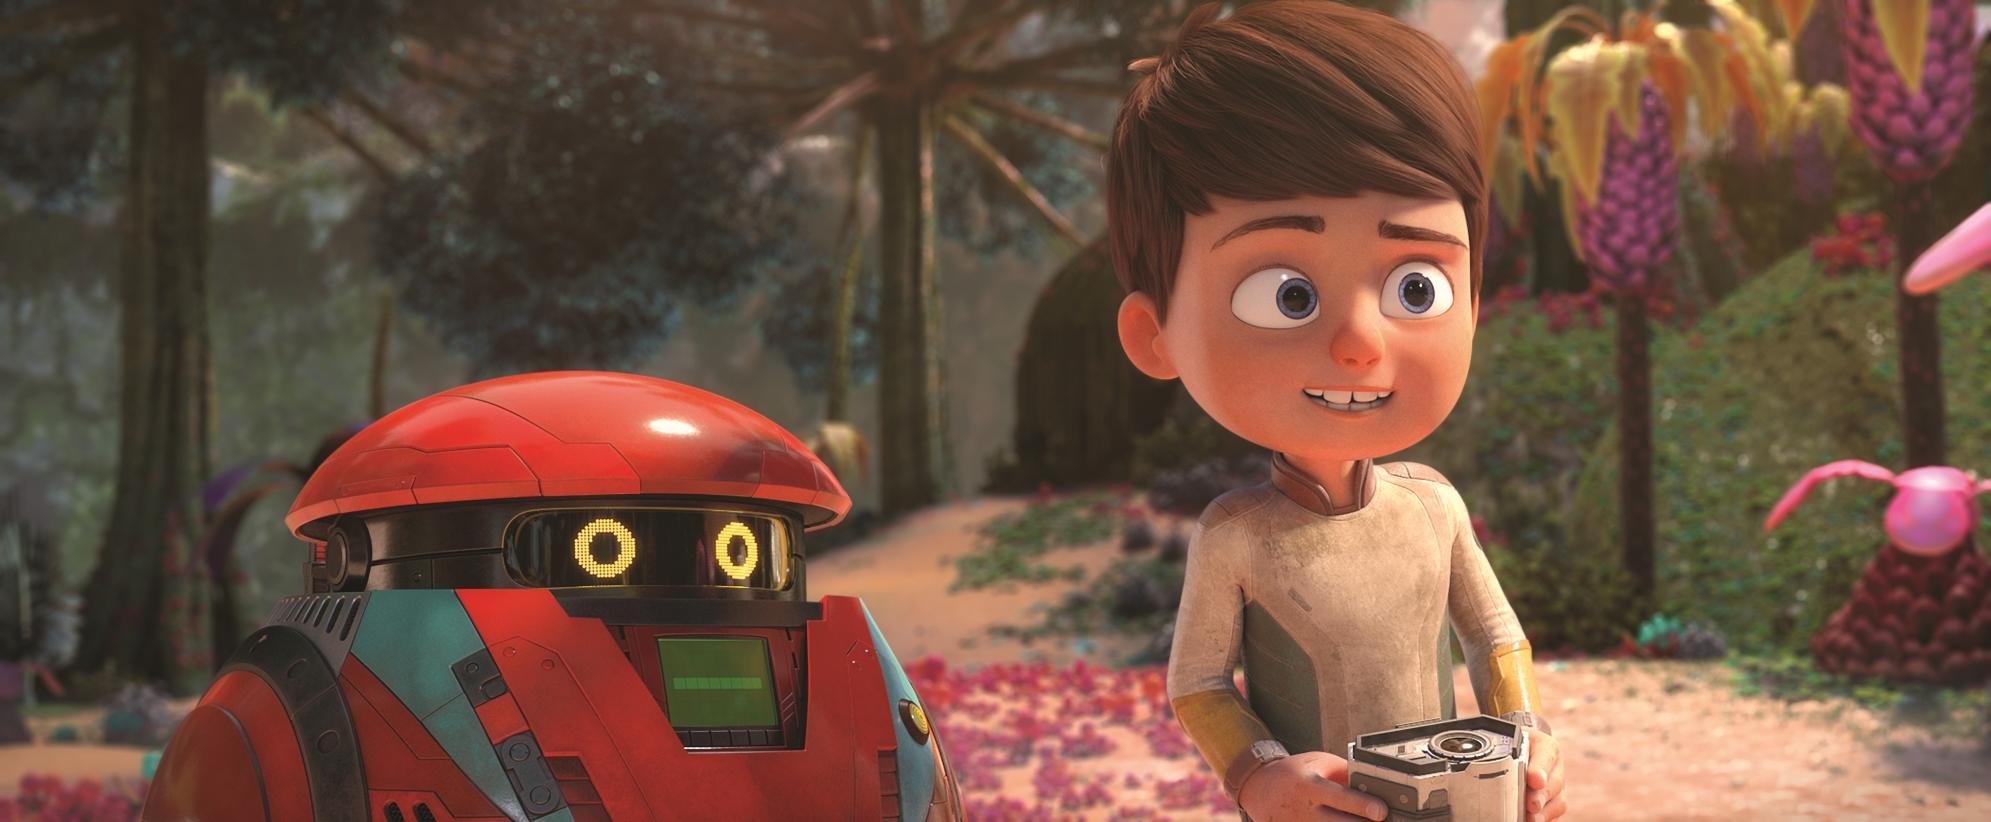 A Spasso con Willy: una scena del film animato